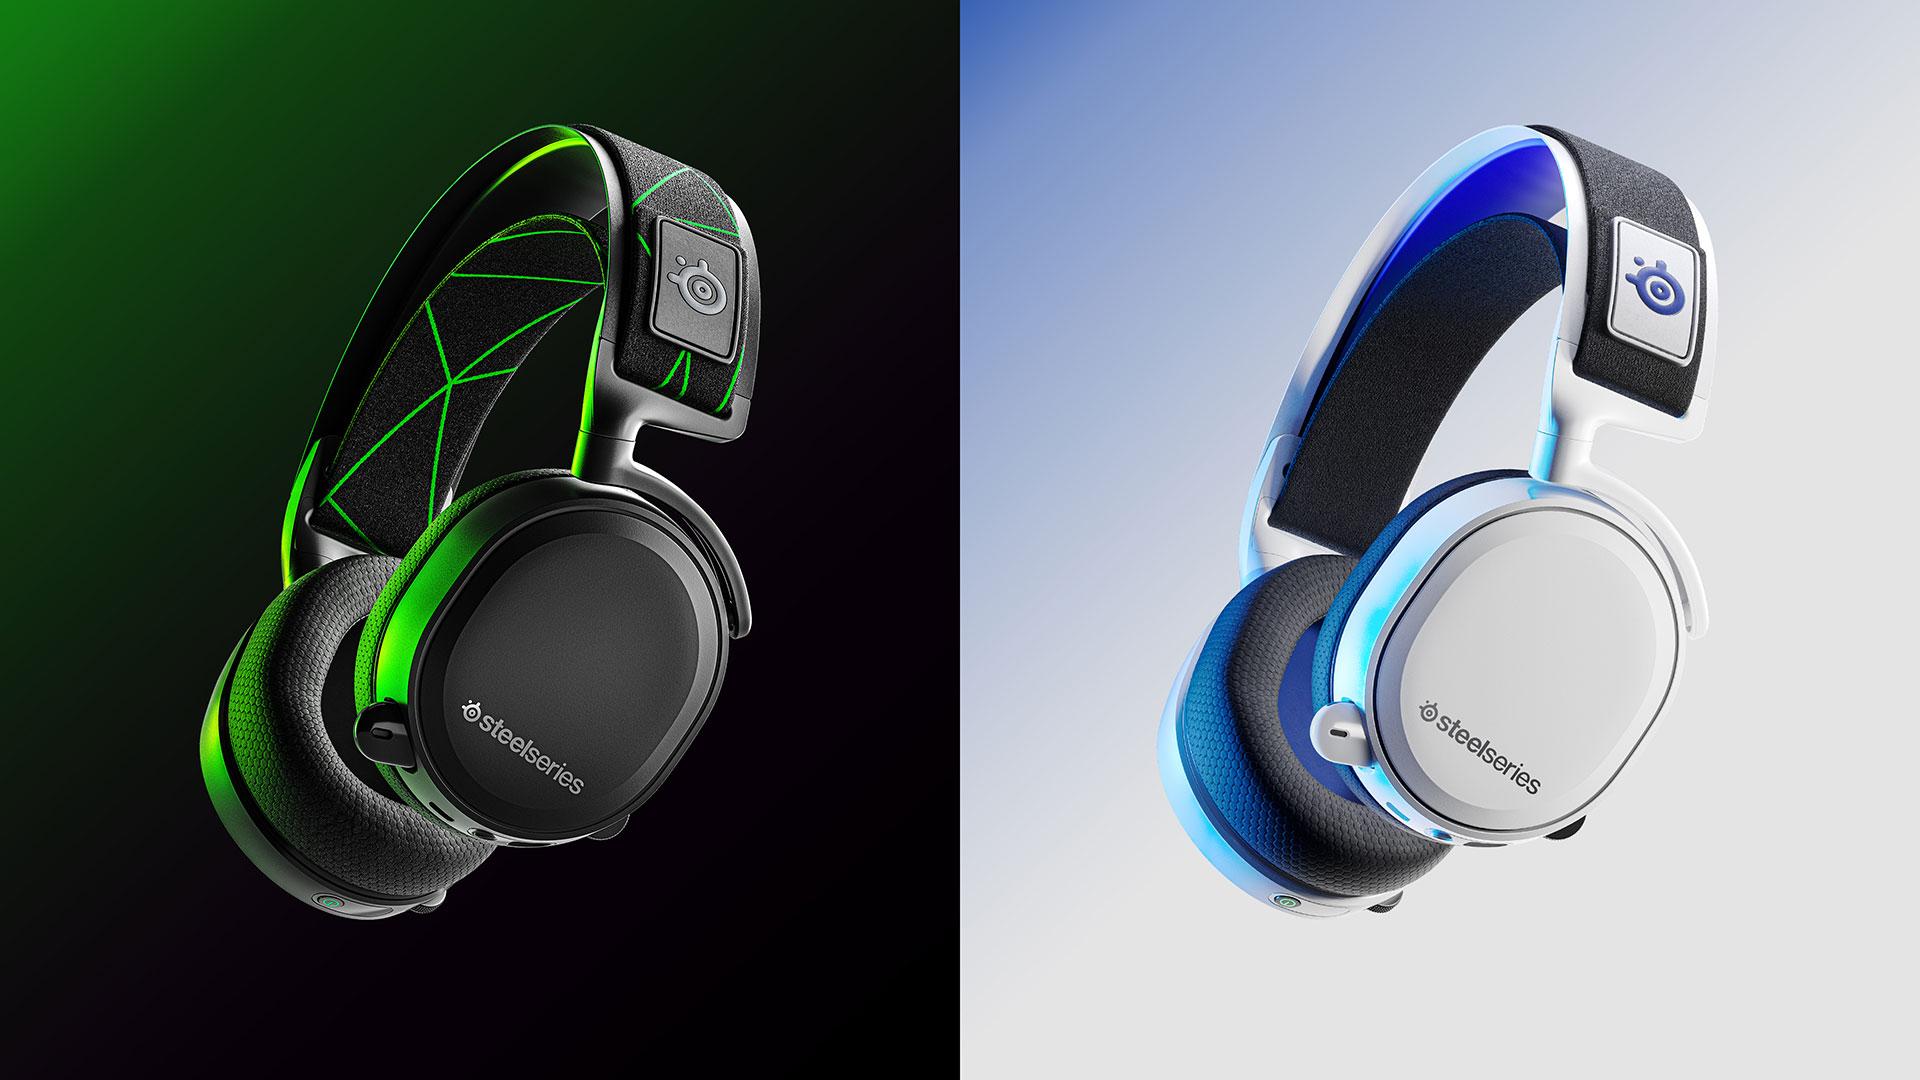 Nové headsety SteelSeries Arctis 7 jsou připraveny na PS5 a Xbox Series X